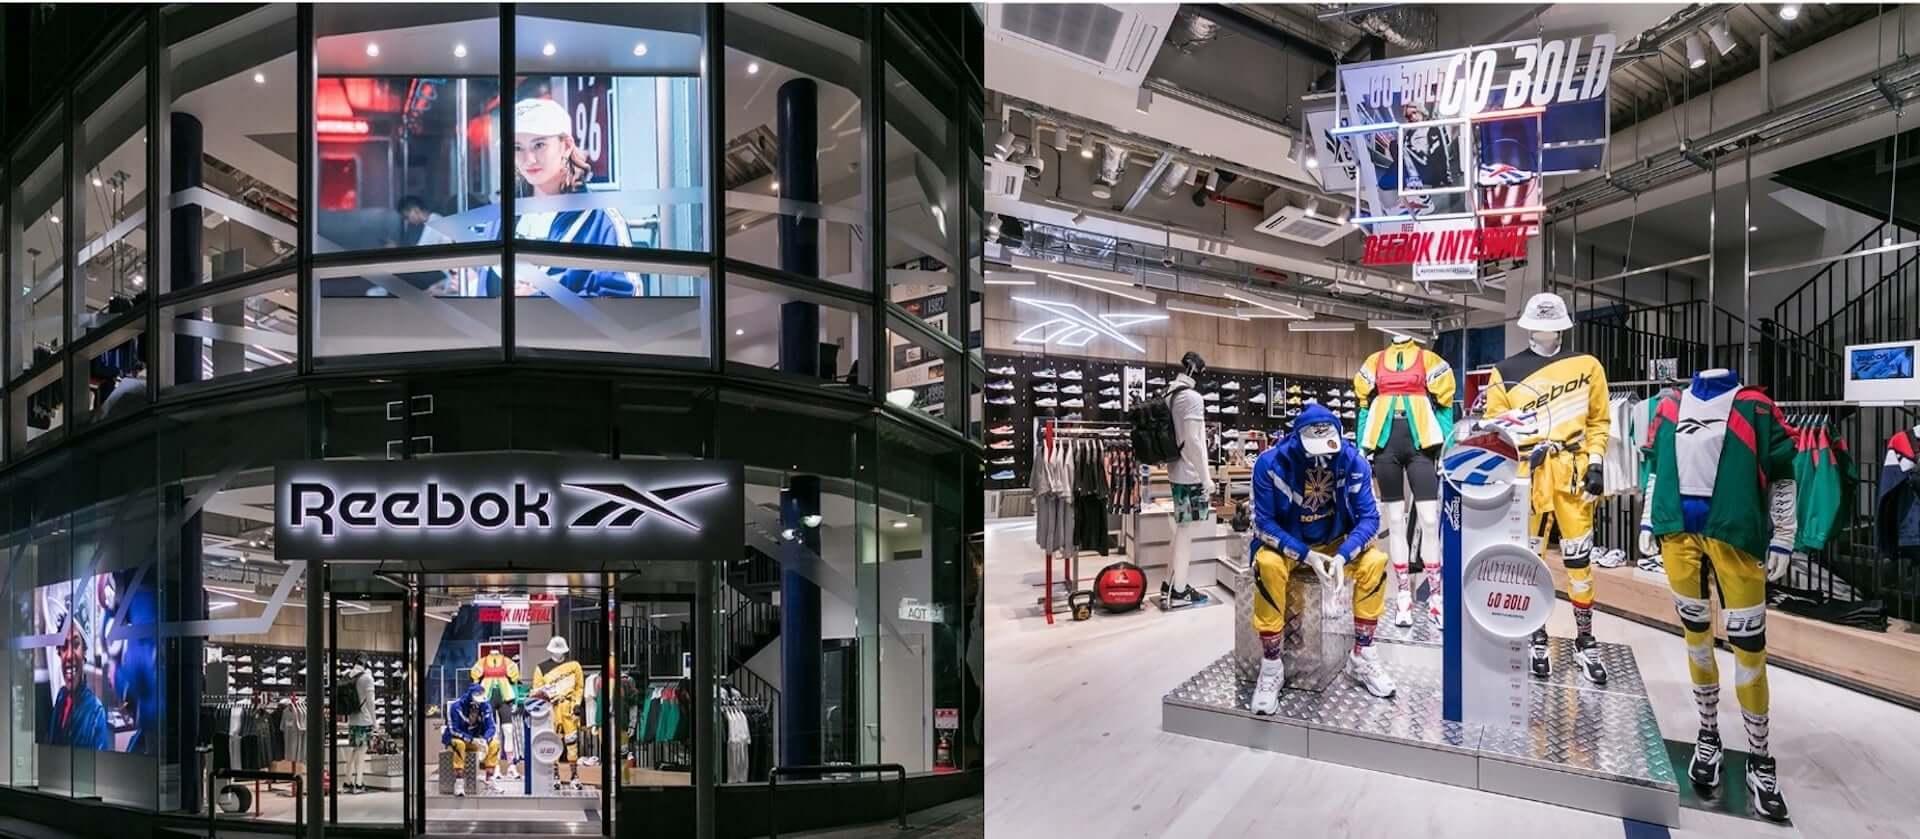 フィットネスとファッションを融合するReebok Store Shibuyaがオープン|スタイリングプロジェクト実施、限定アイテムも life190913_reebok_8-1920x839